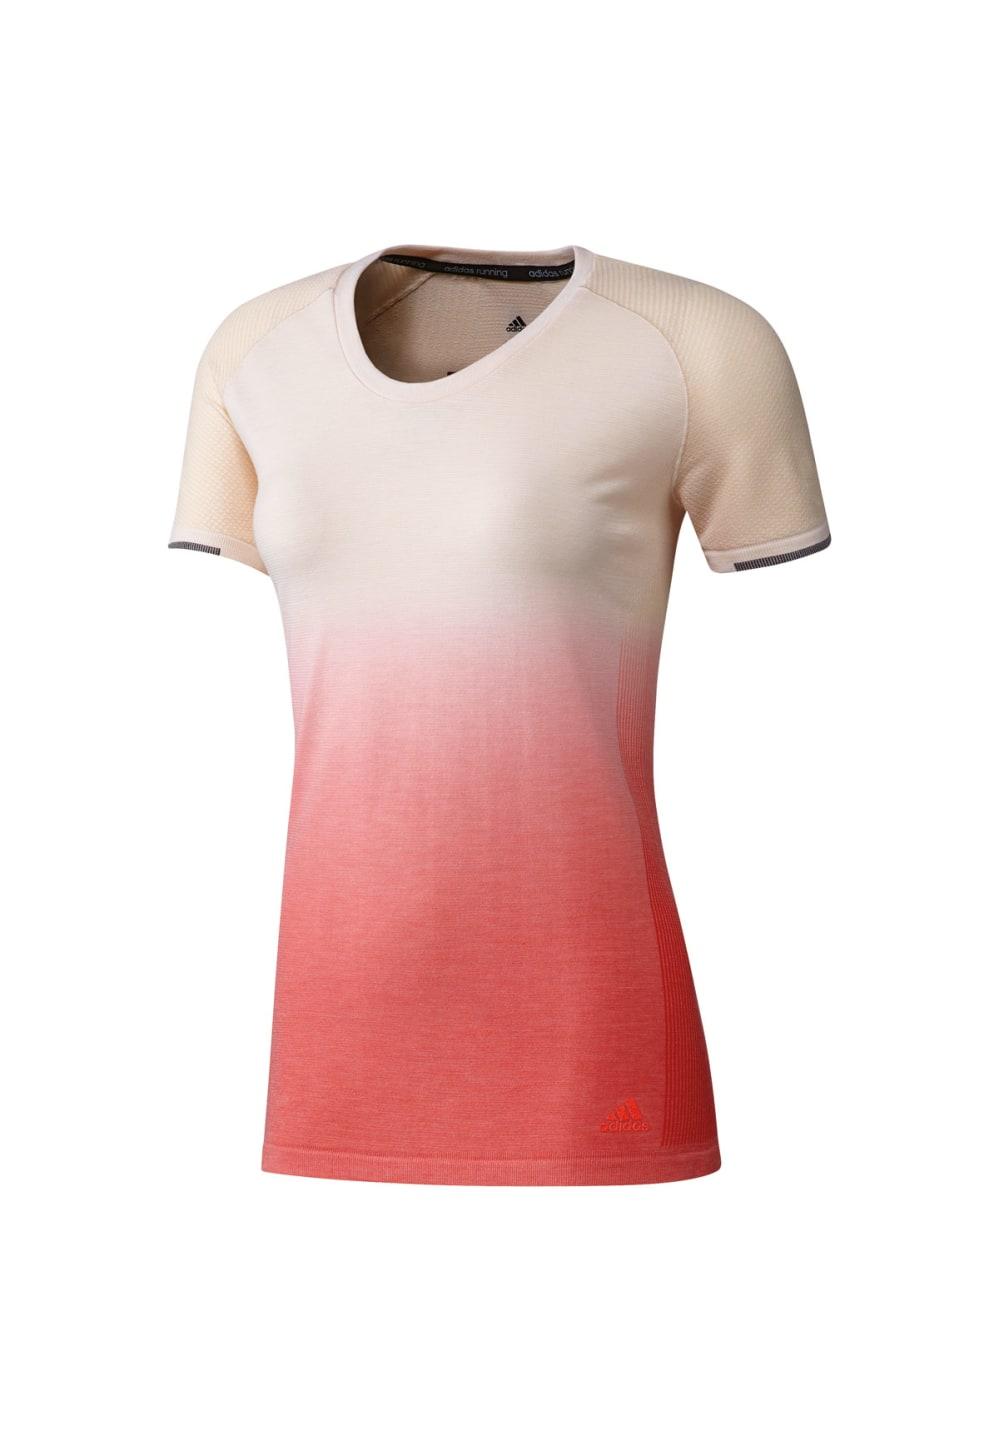 adidas Primeknit Wool Sh Sleeve Tee Dip Dye - Laufshirts für Damen - Orange, Gr